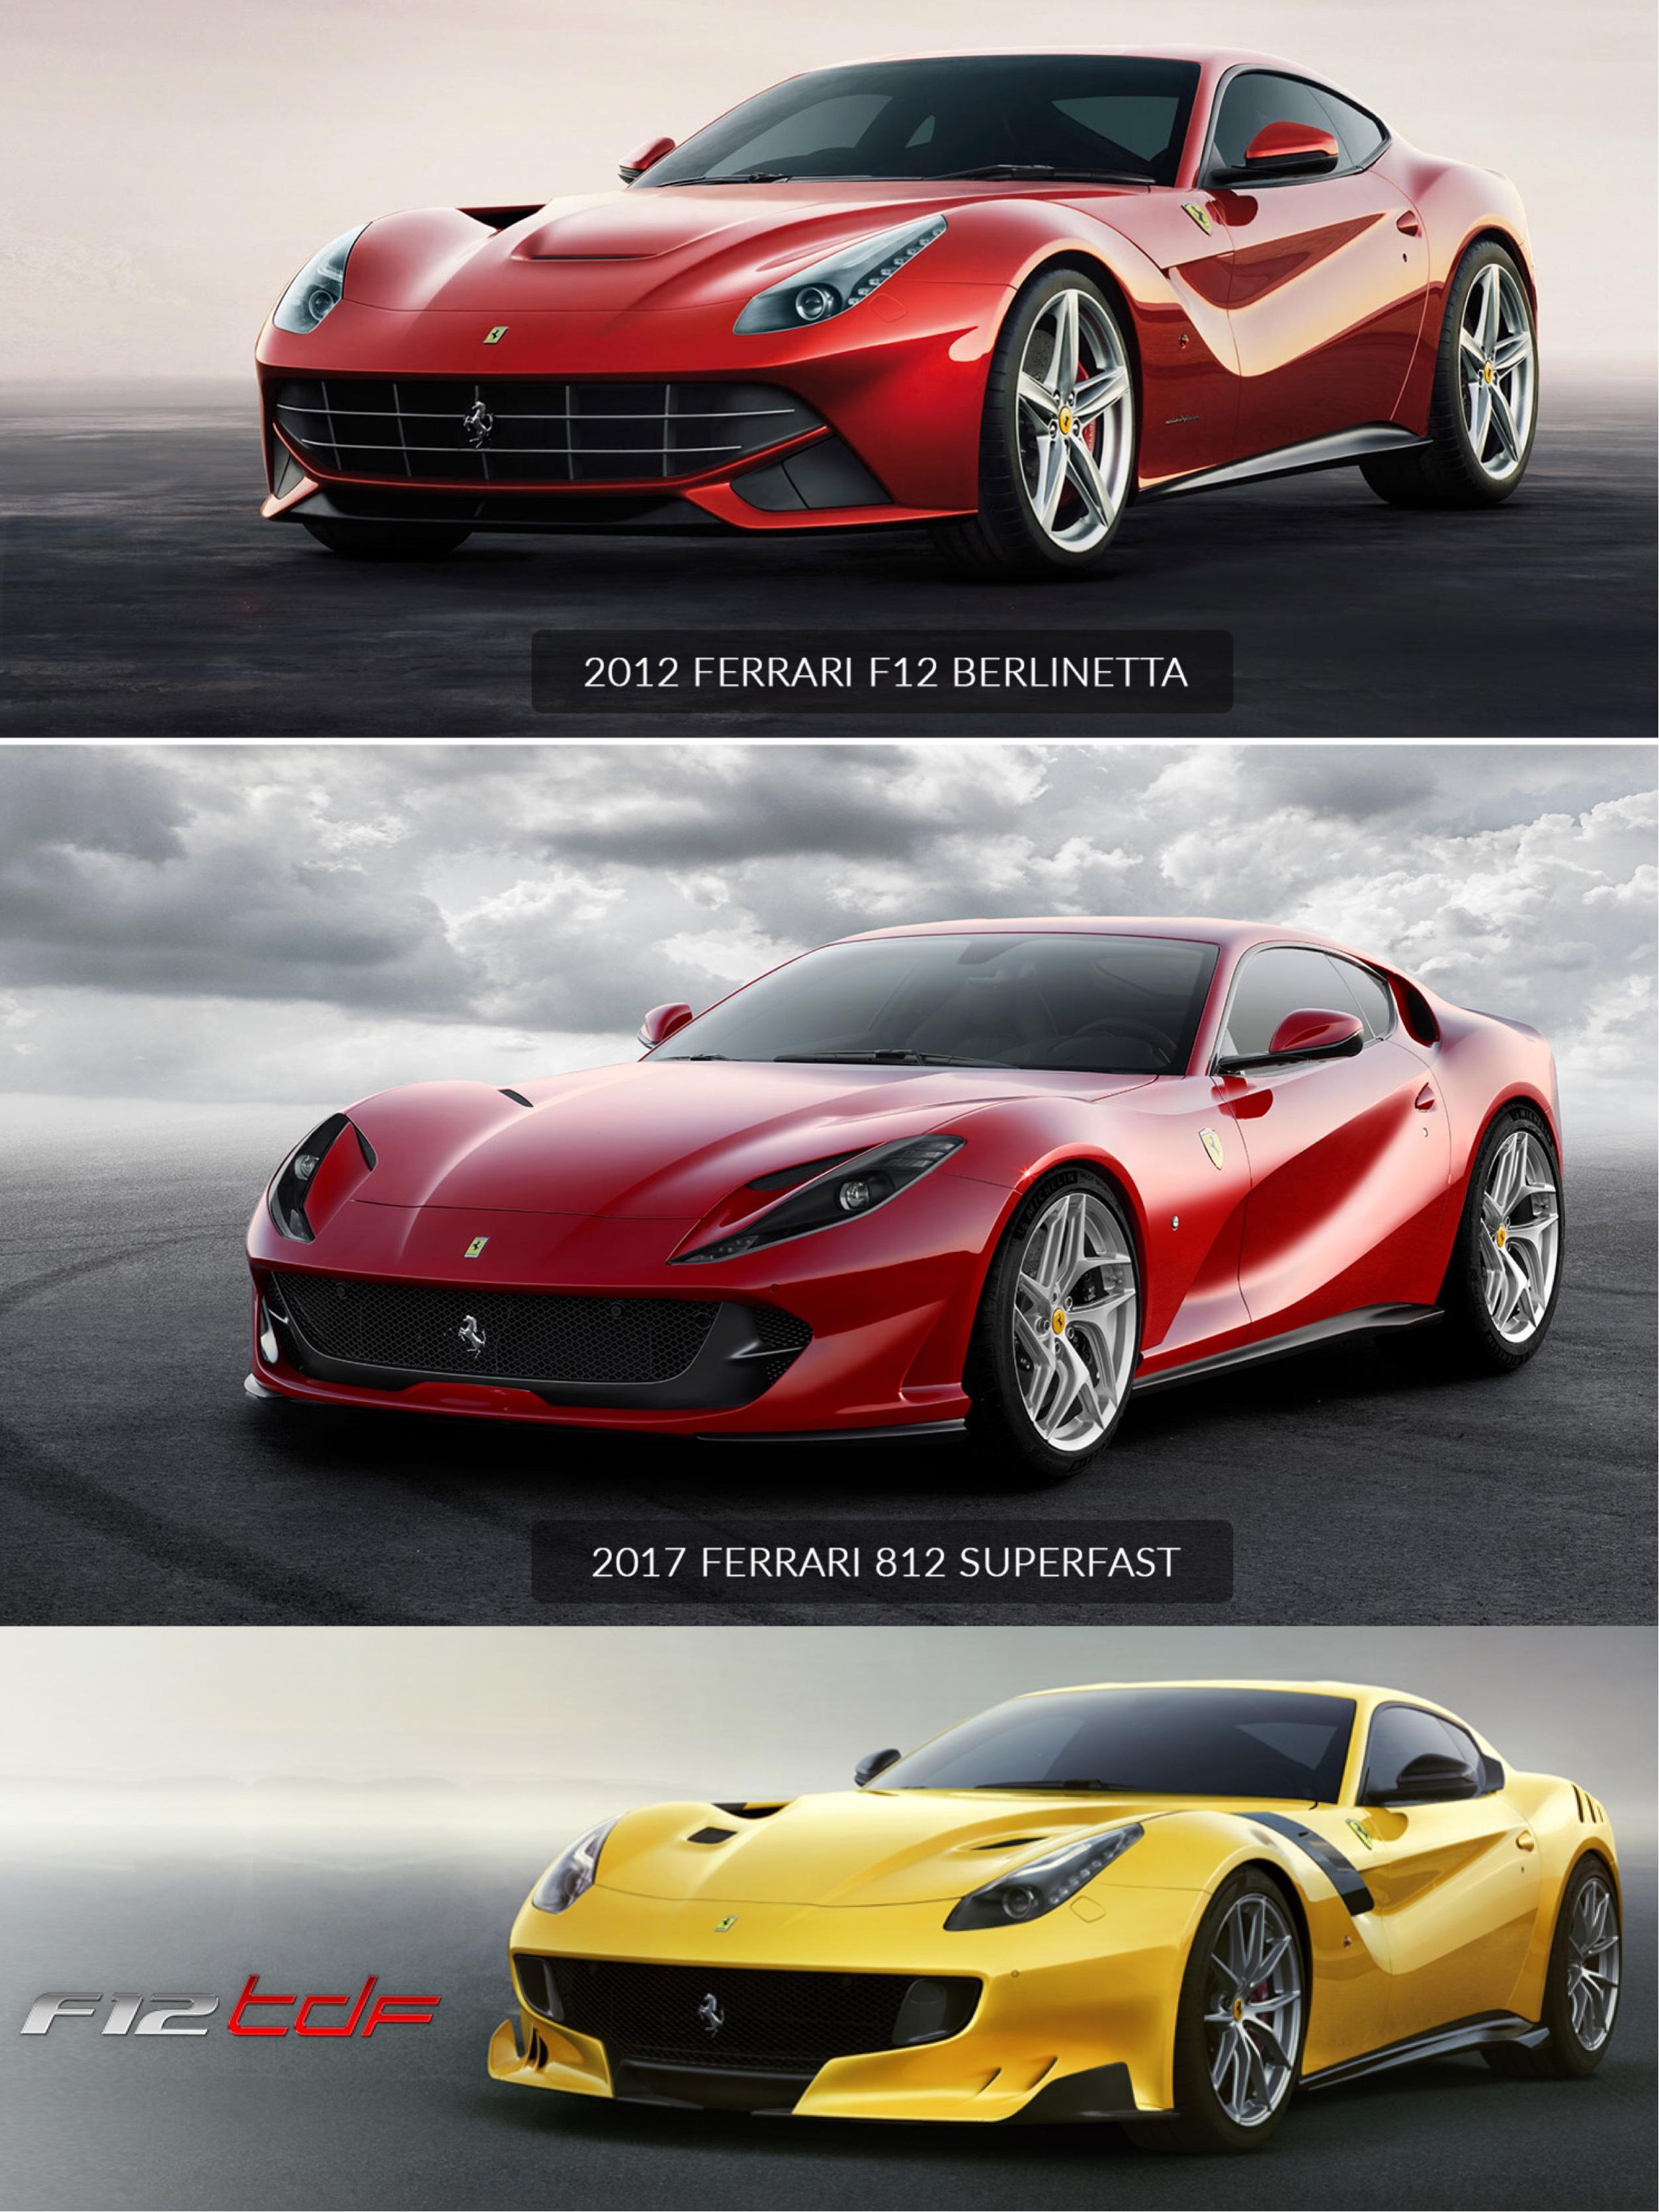 Ferrari F12 Vs 812 : ferrari, Which